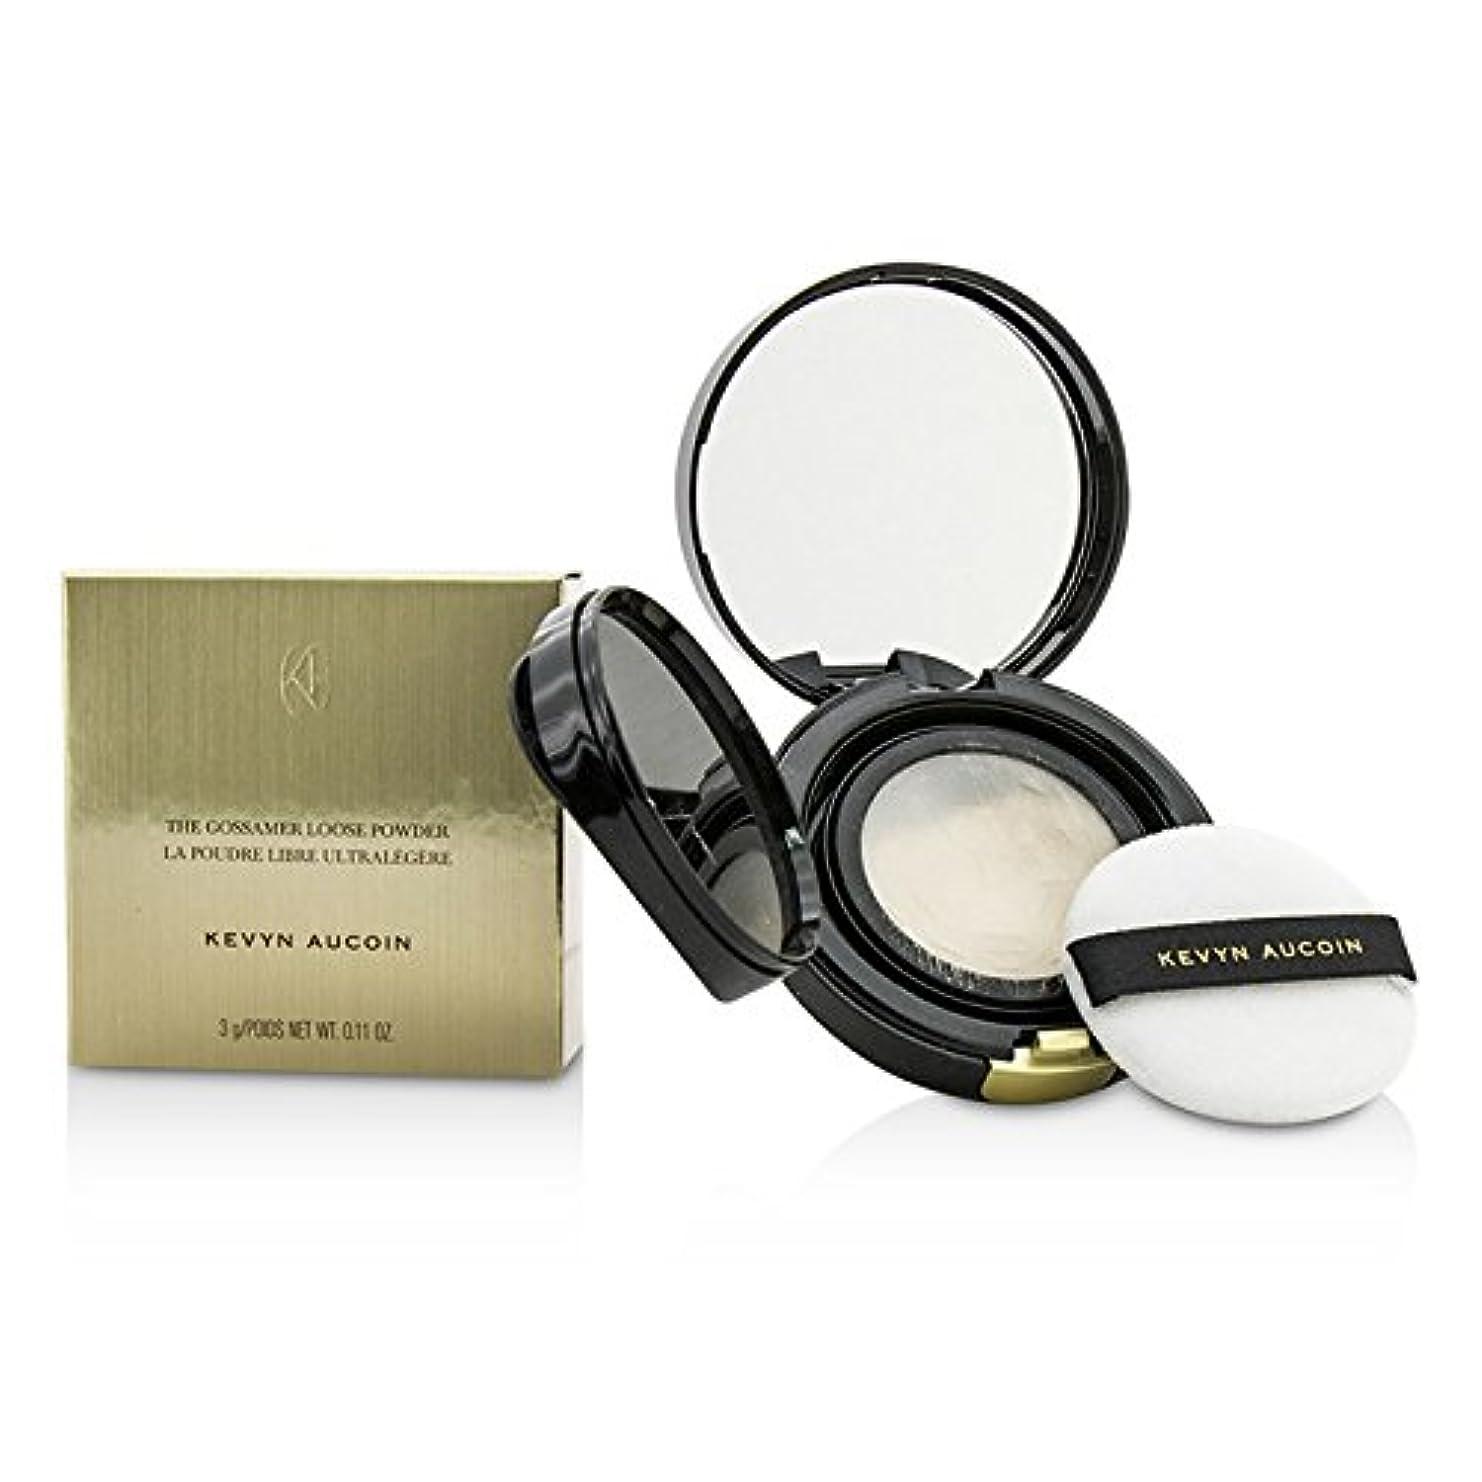 除外するジュラシックパークアッパーケヴィンオークイン The Gossamer Loose Powder (New Packaging) - Diaphanous (Light Translucent) 3g/0.11oz並行輸入品